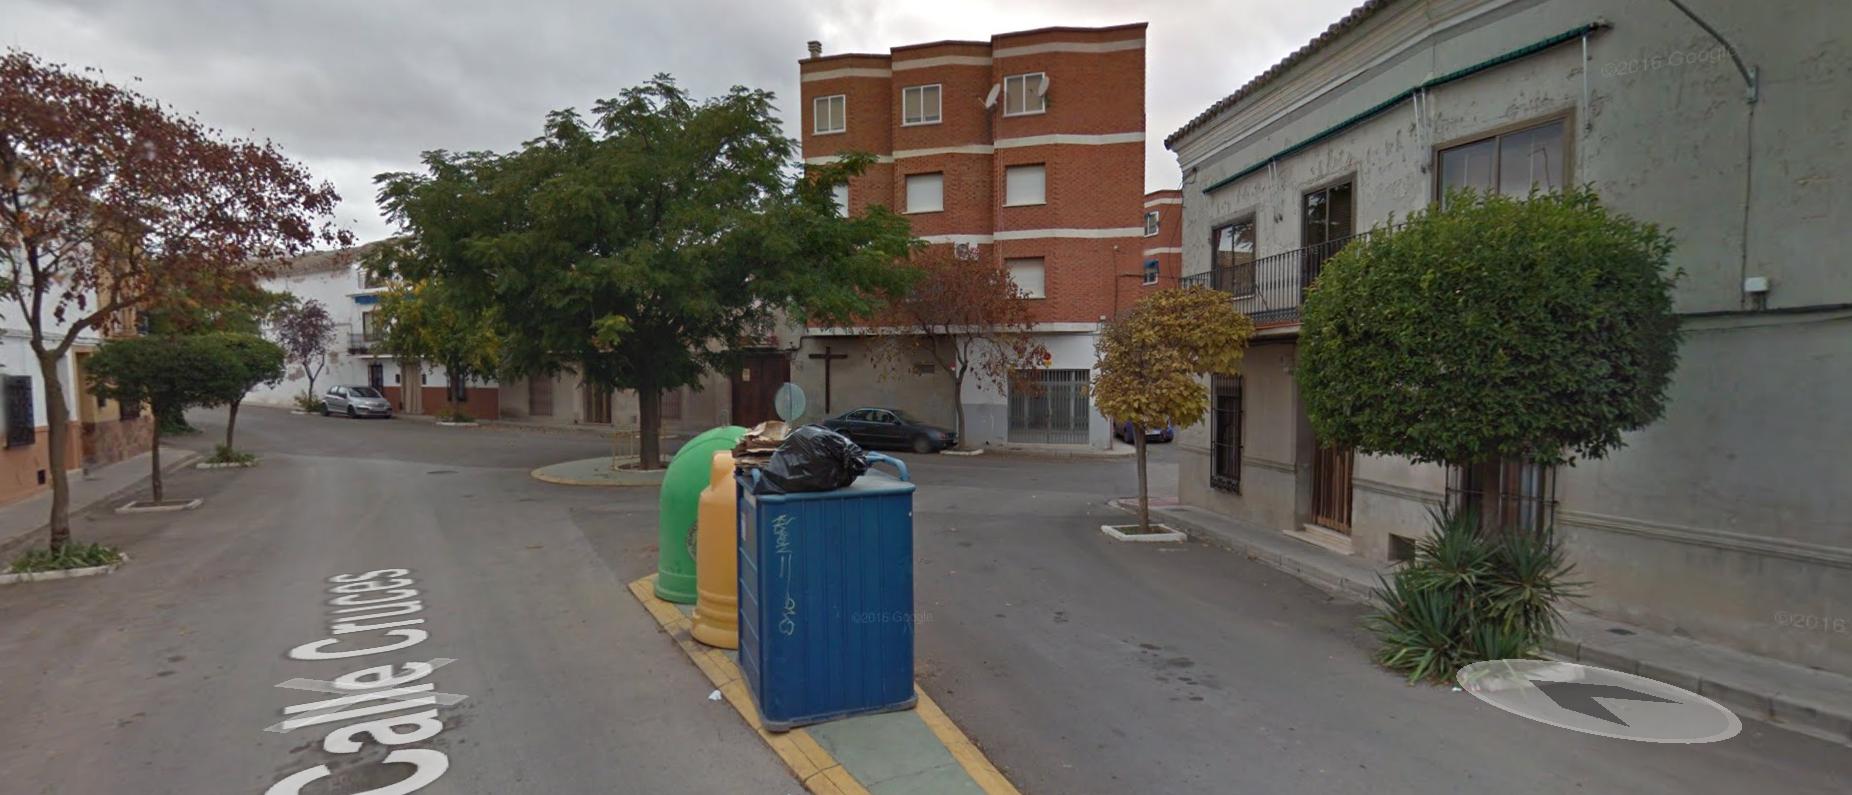 calle cruces en google street view - Finalizada la remodelación de la intersección de calle Cruces